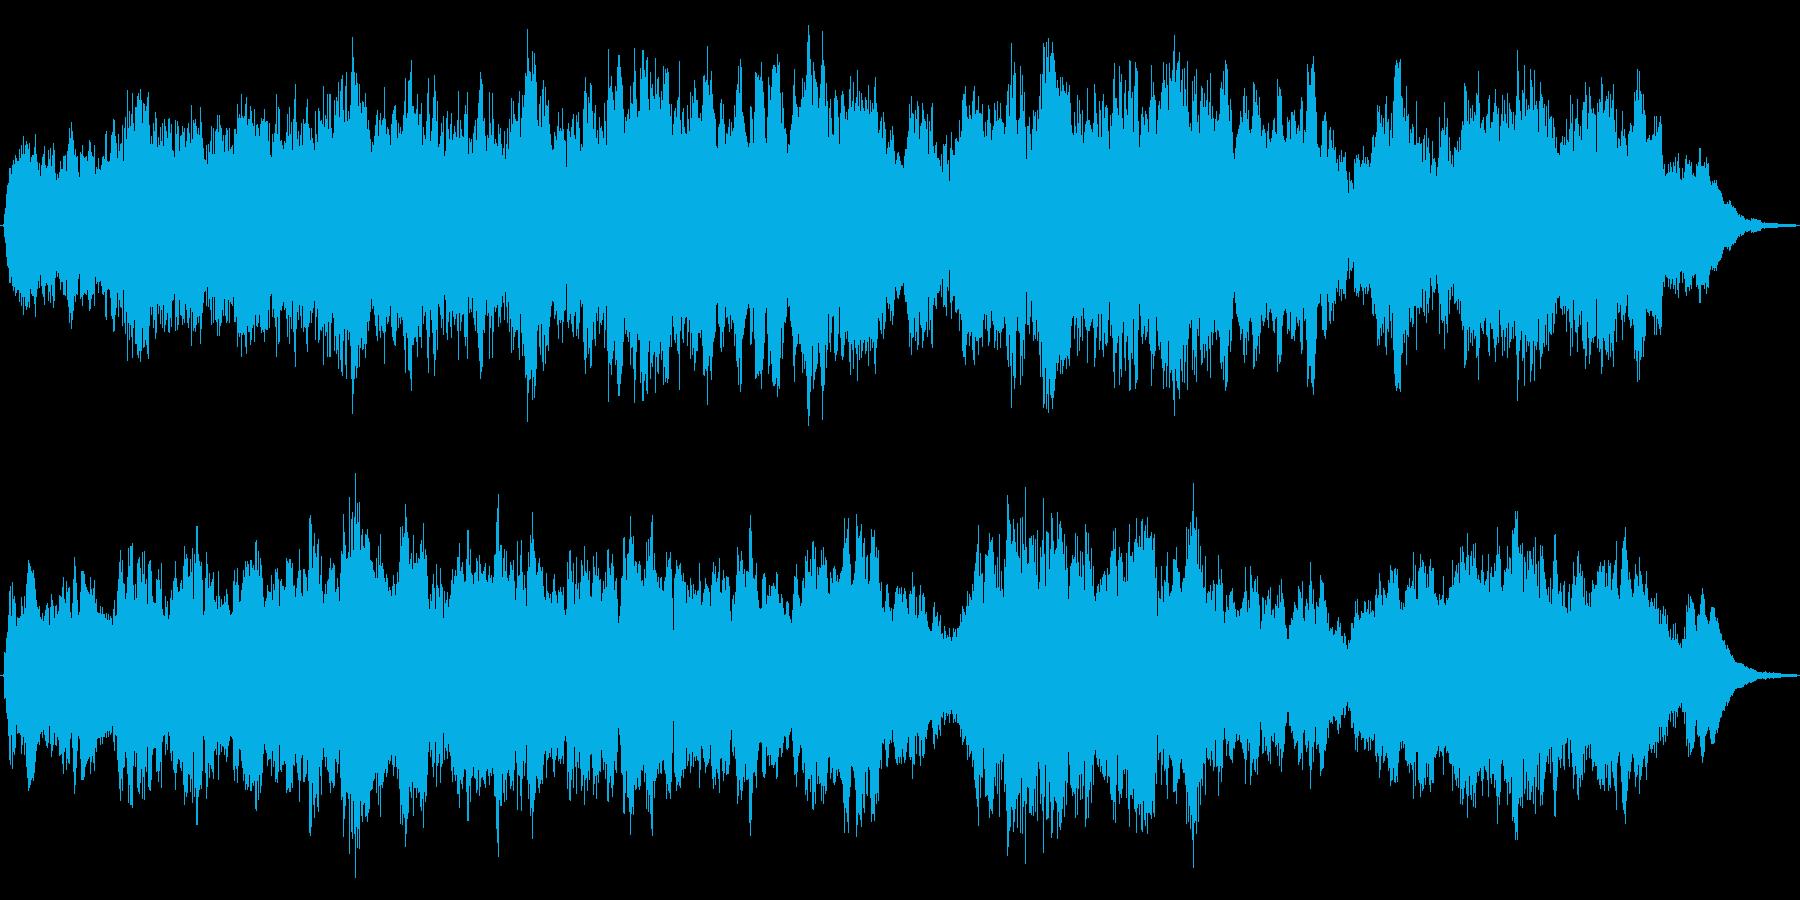 G線上のアリア・優雅な弦楽合奏30sの再生済みの波形